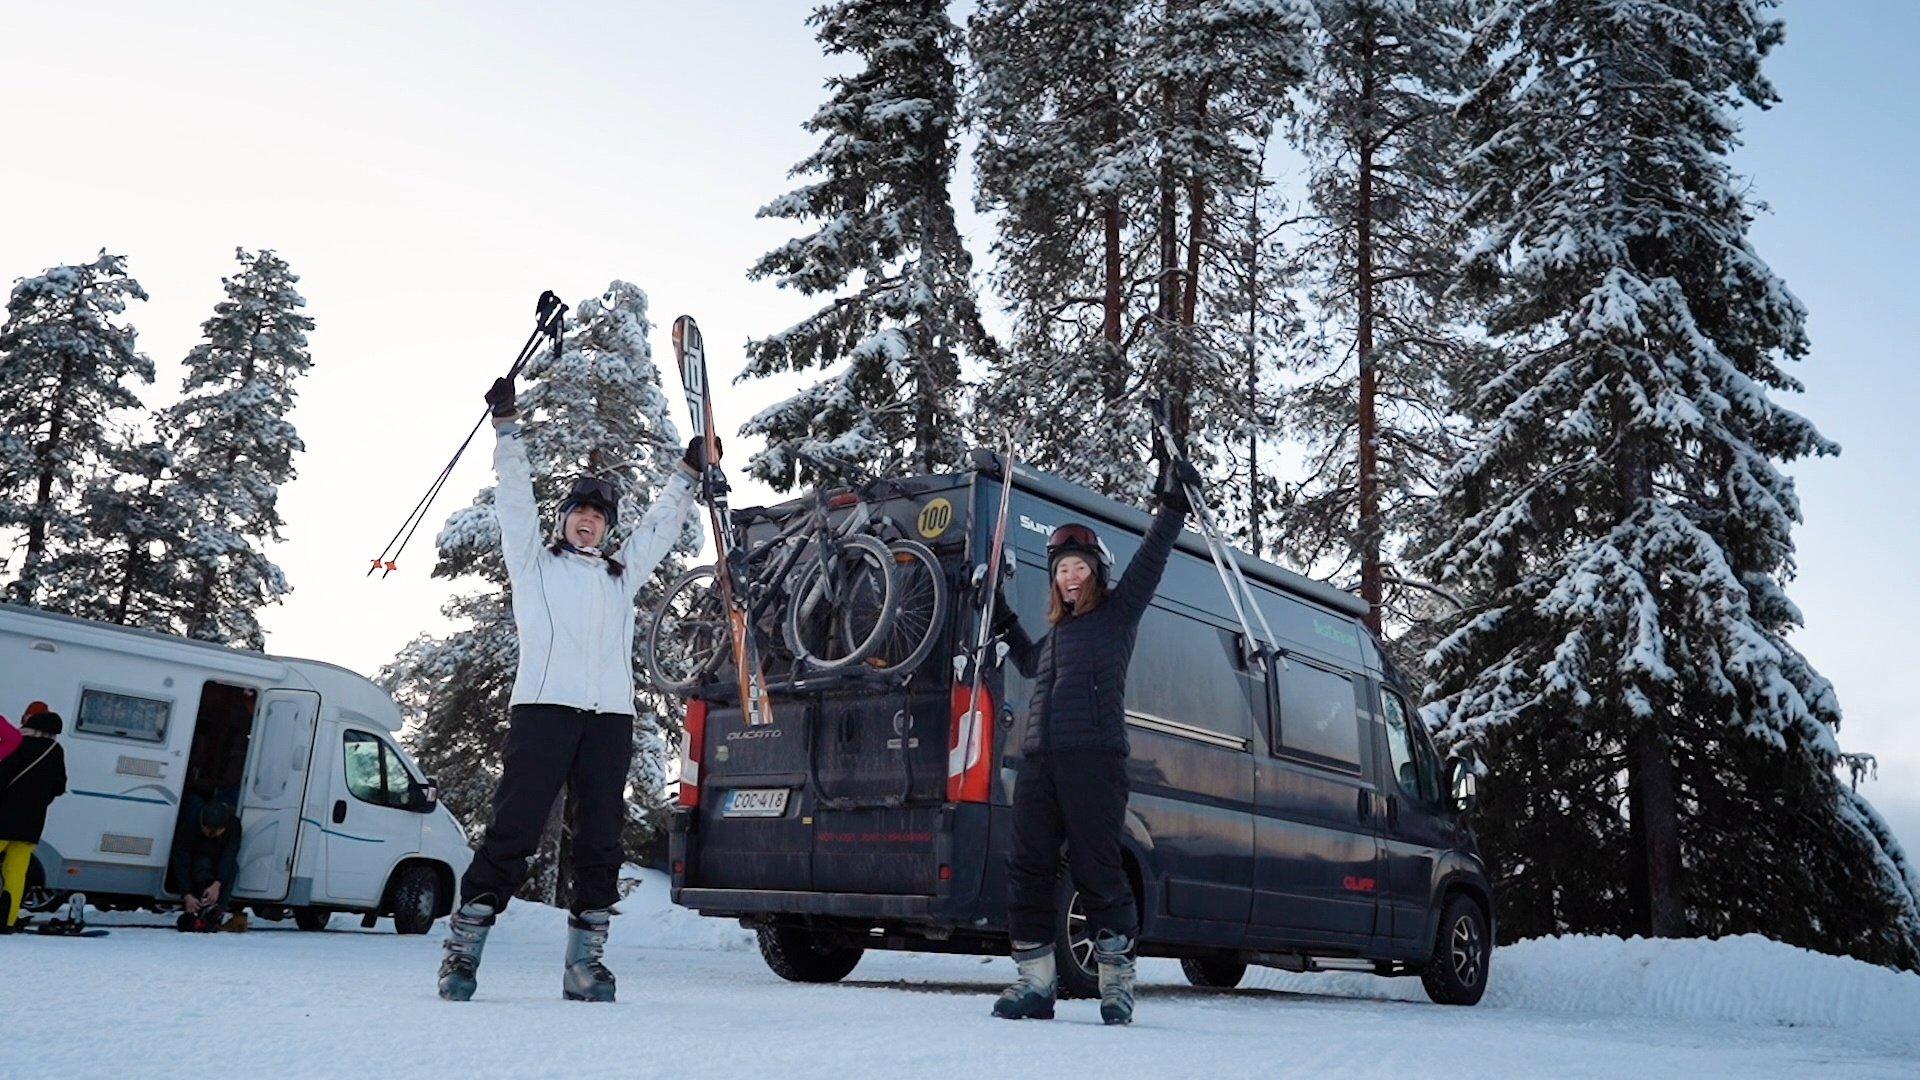 Talvimatkailusta nauttiminen onnistuu matkailuautolla!